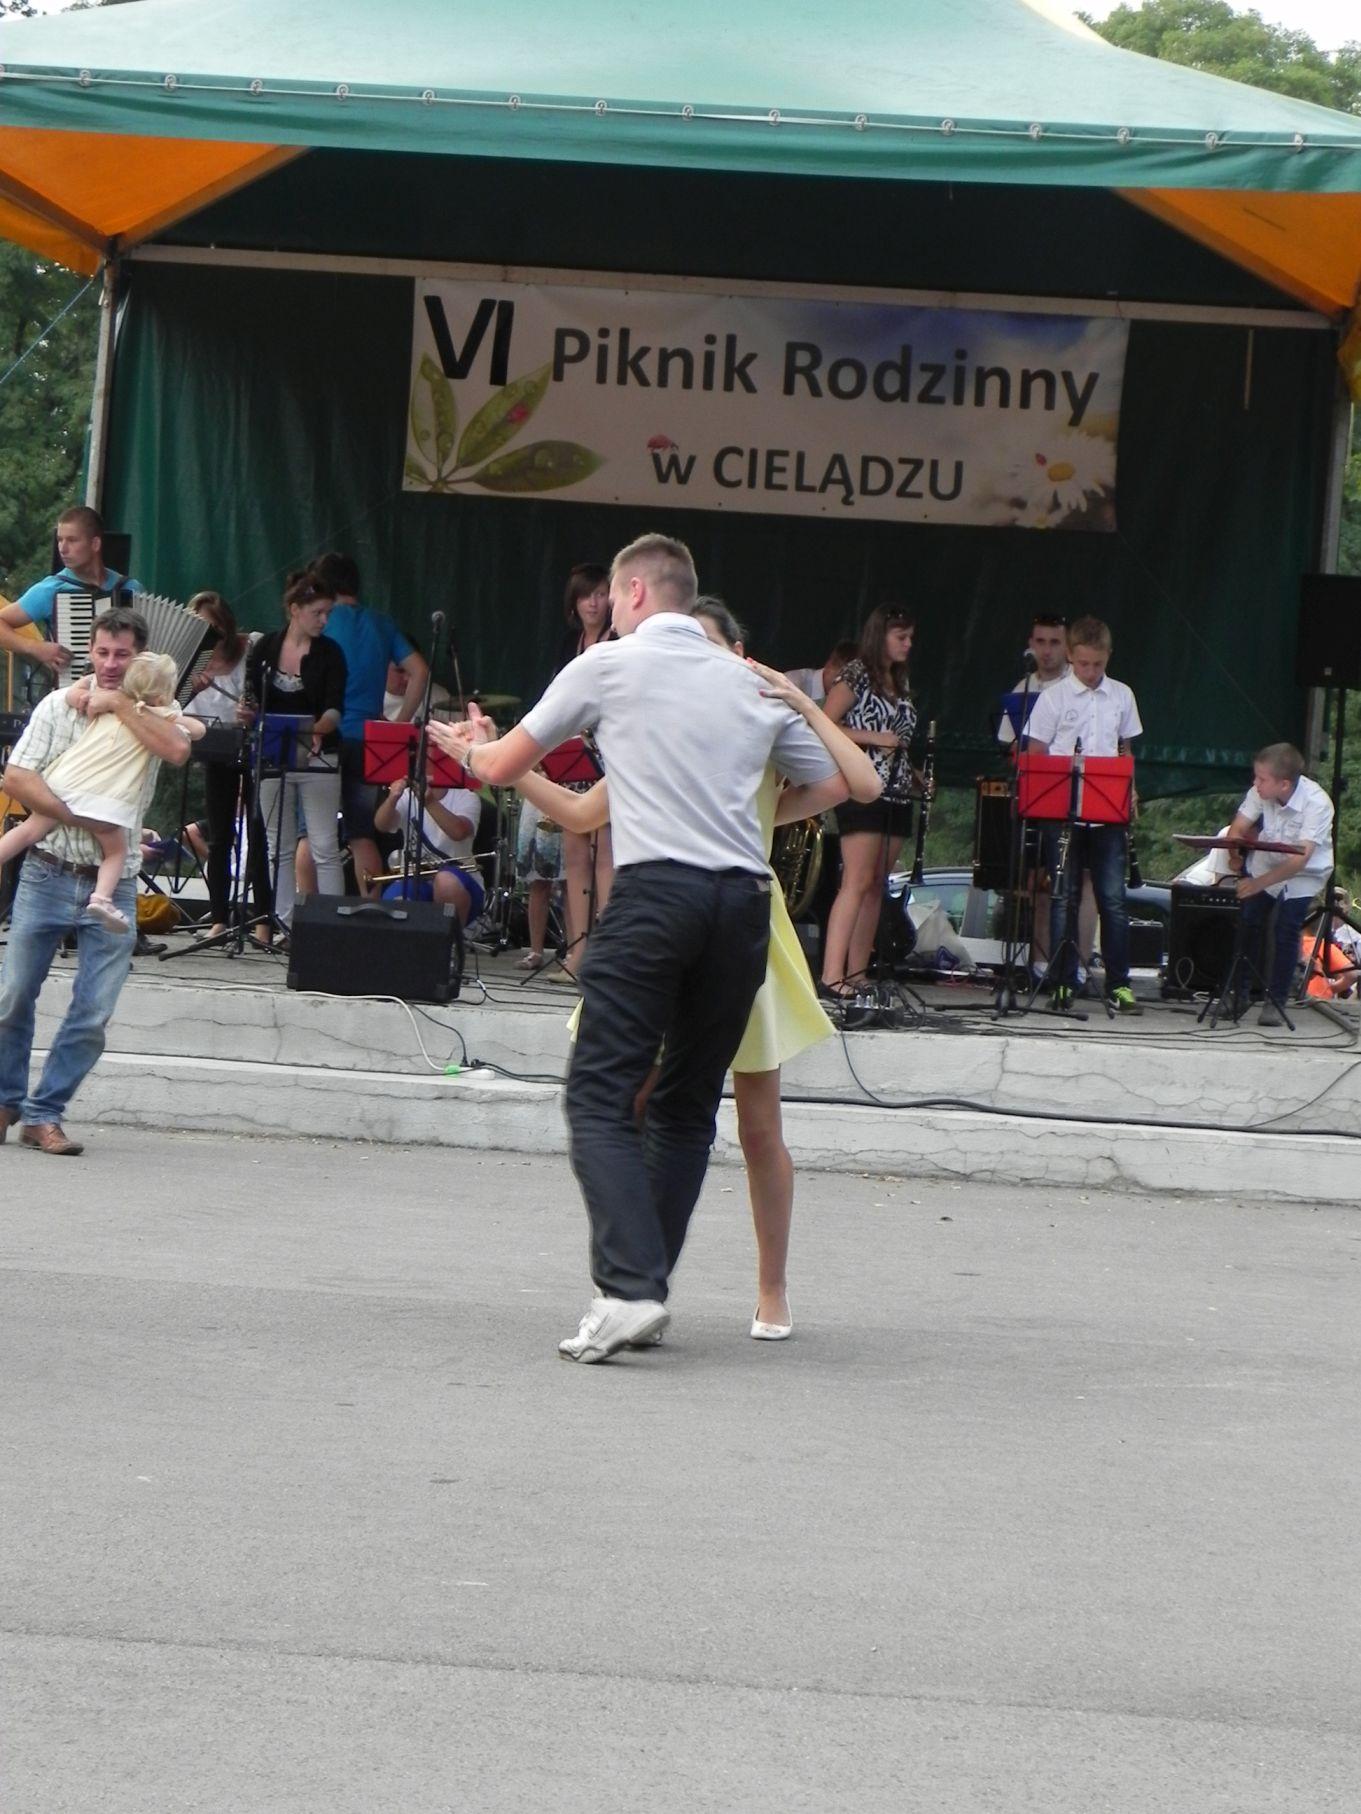 2013-08-18 Cielądz piknik (95)